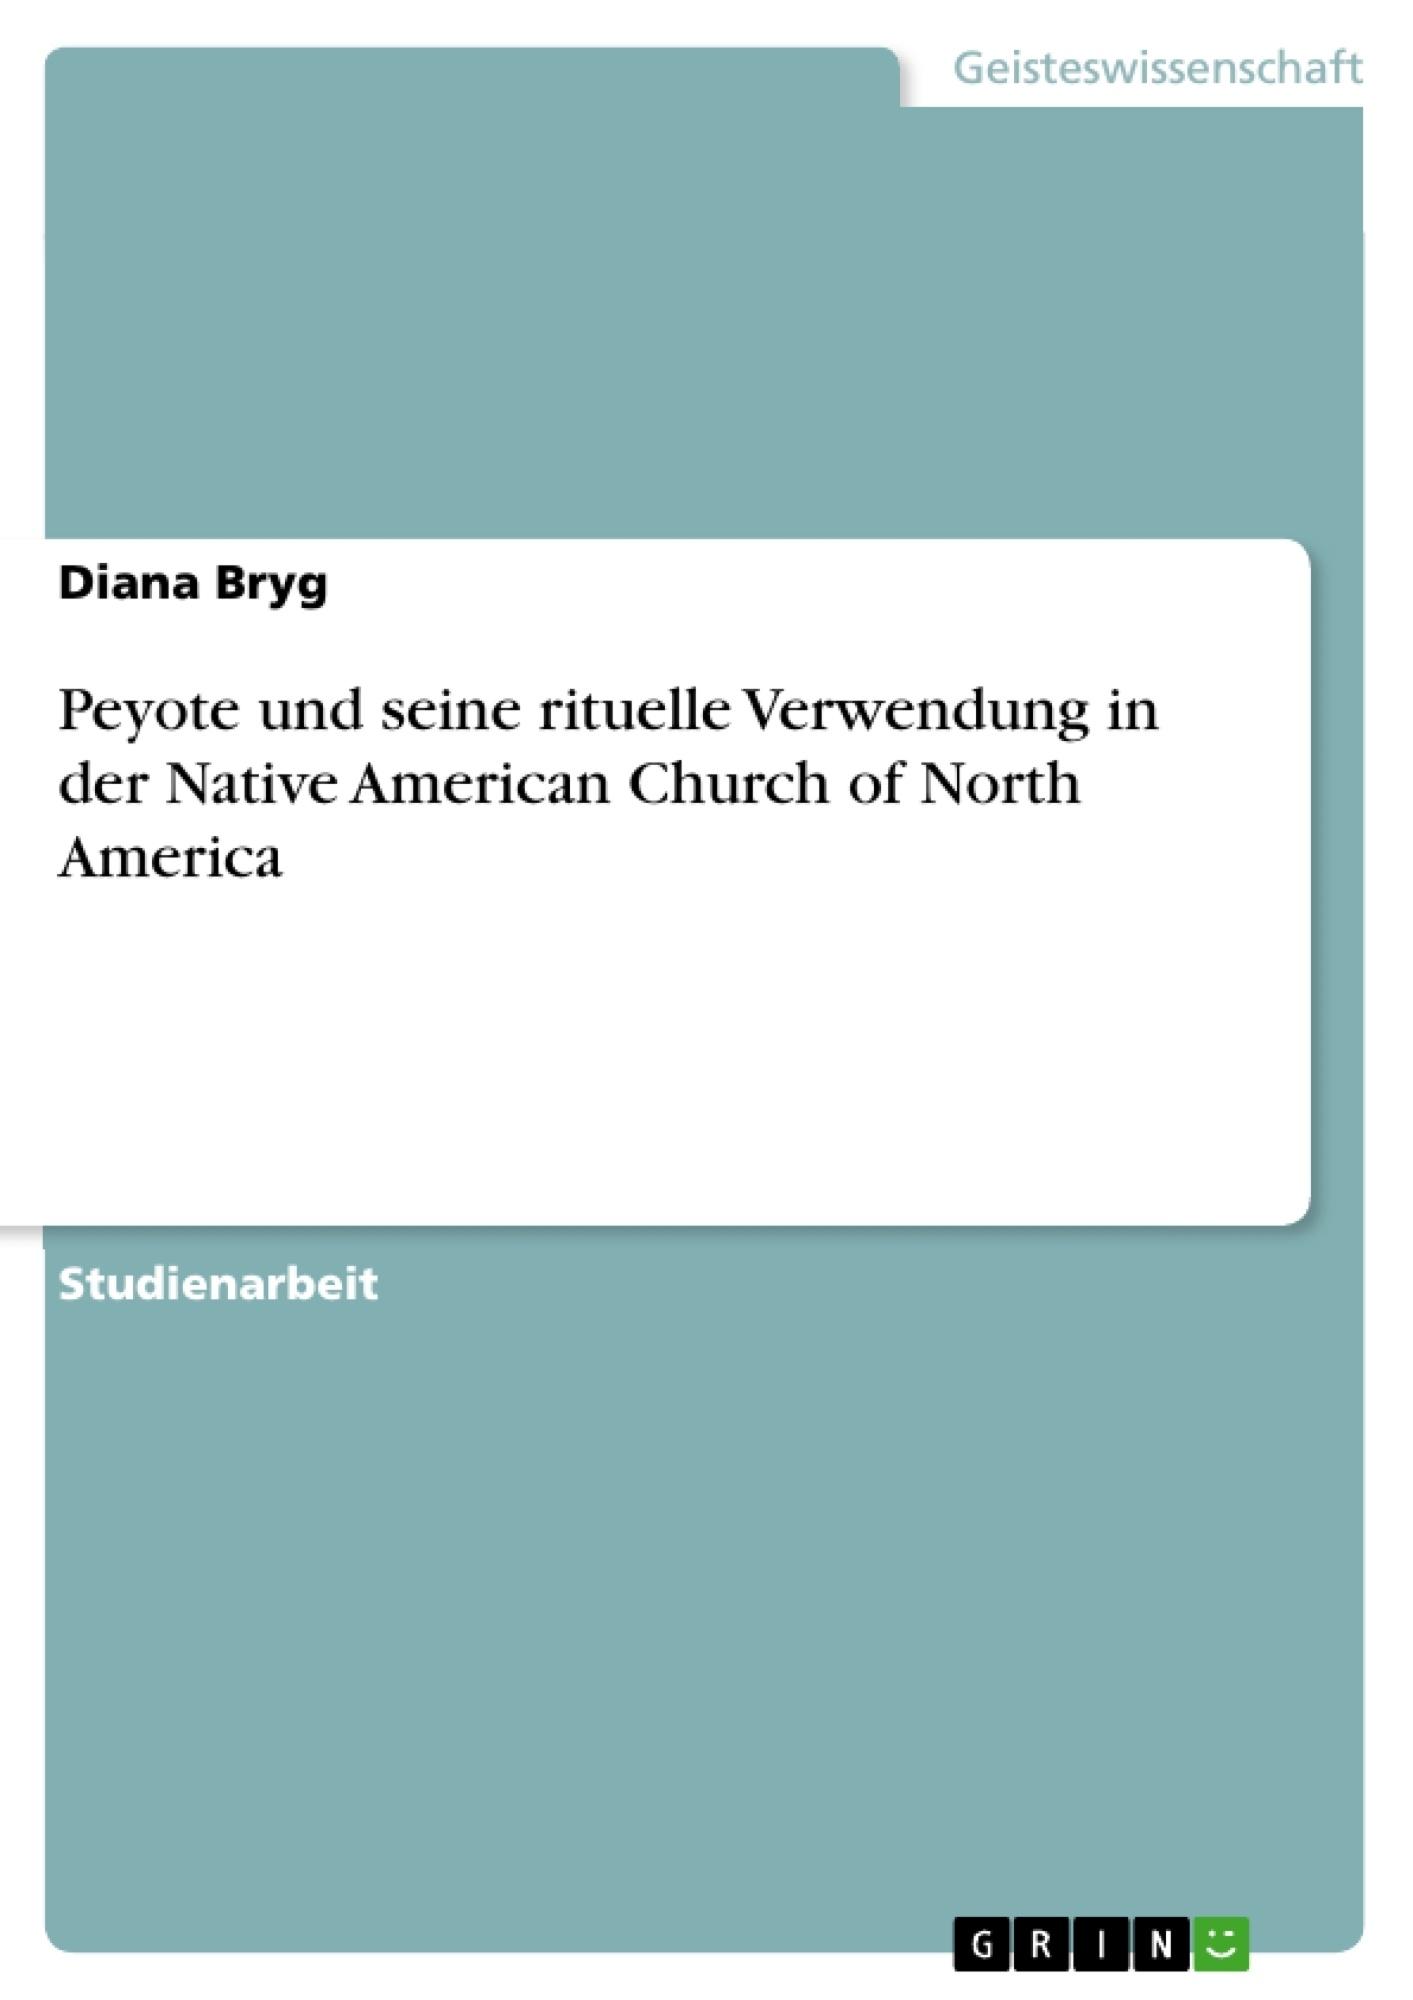 Titel: Peyote und seine rituelle Verwendung in der Native American Church of North America